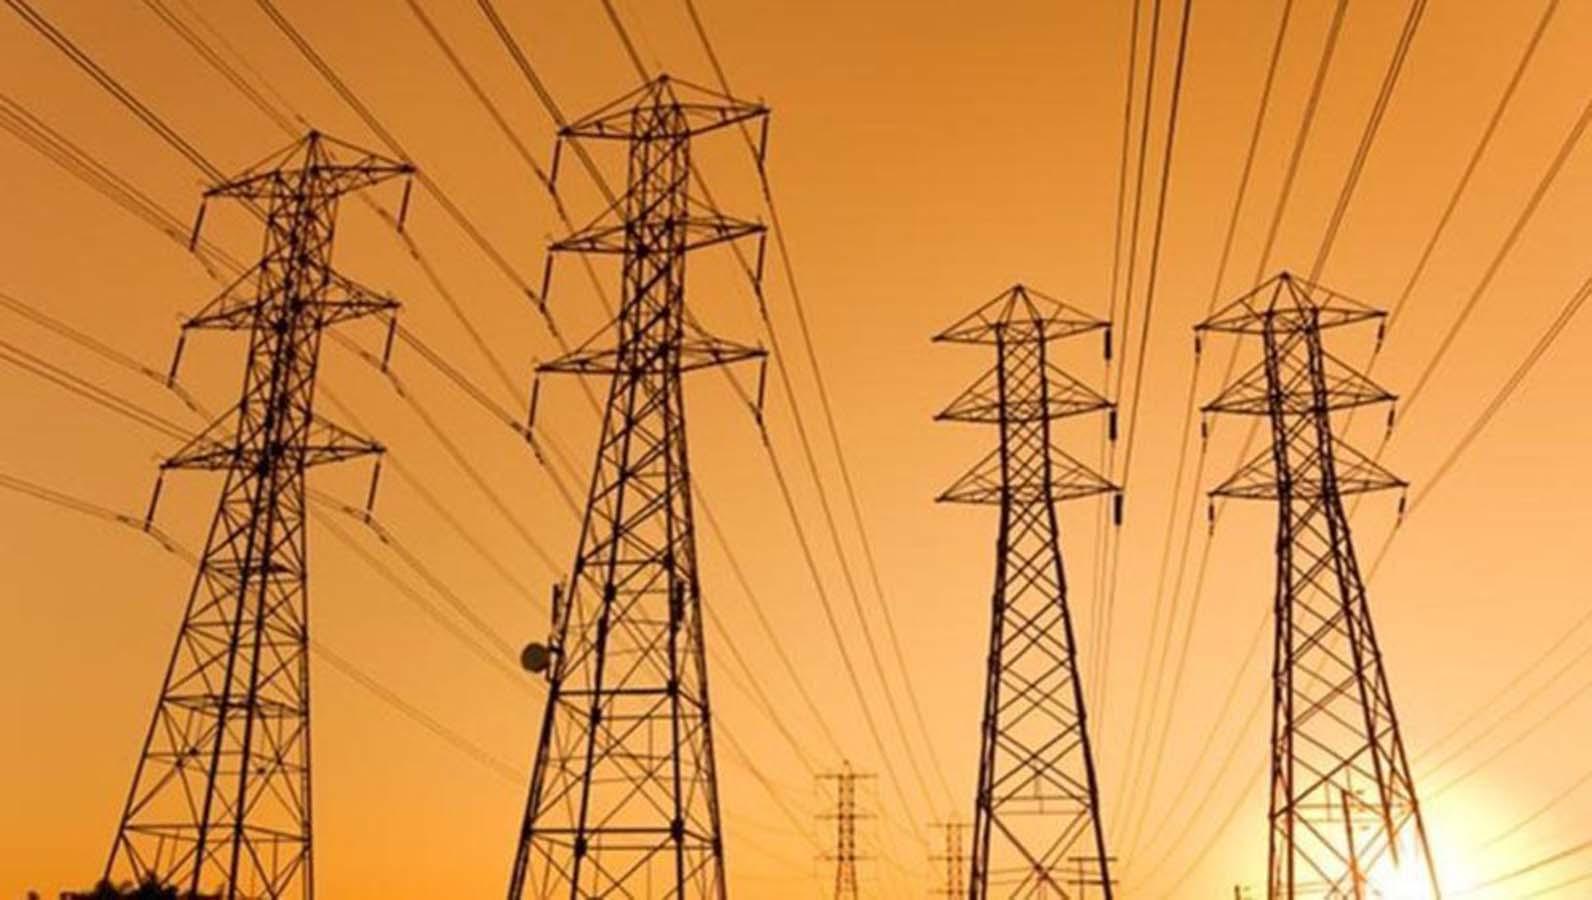 İstanbul elektrik kesintisi ne zaman gelir 25 Temmuz Pazar? İstanbul planlı elektrik kesintileri (AYEDAŞ-BEDAŞ)